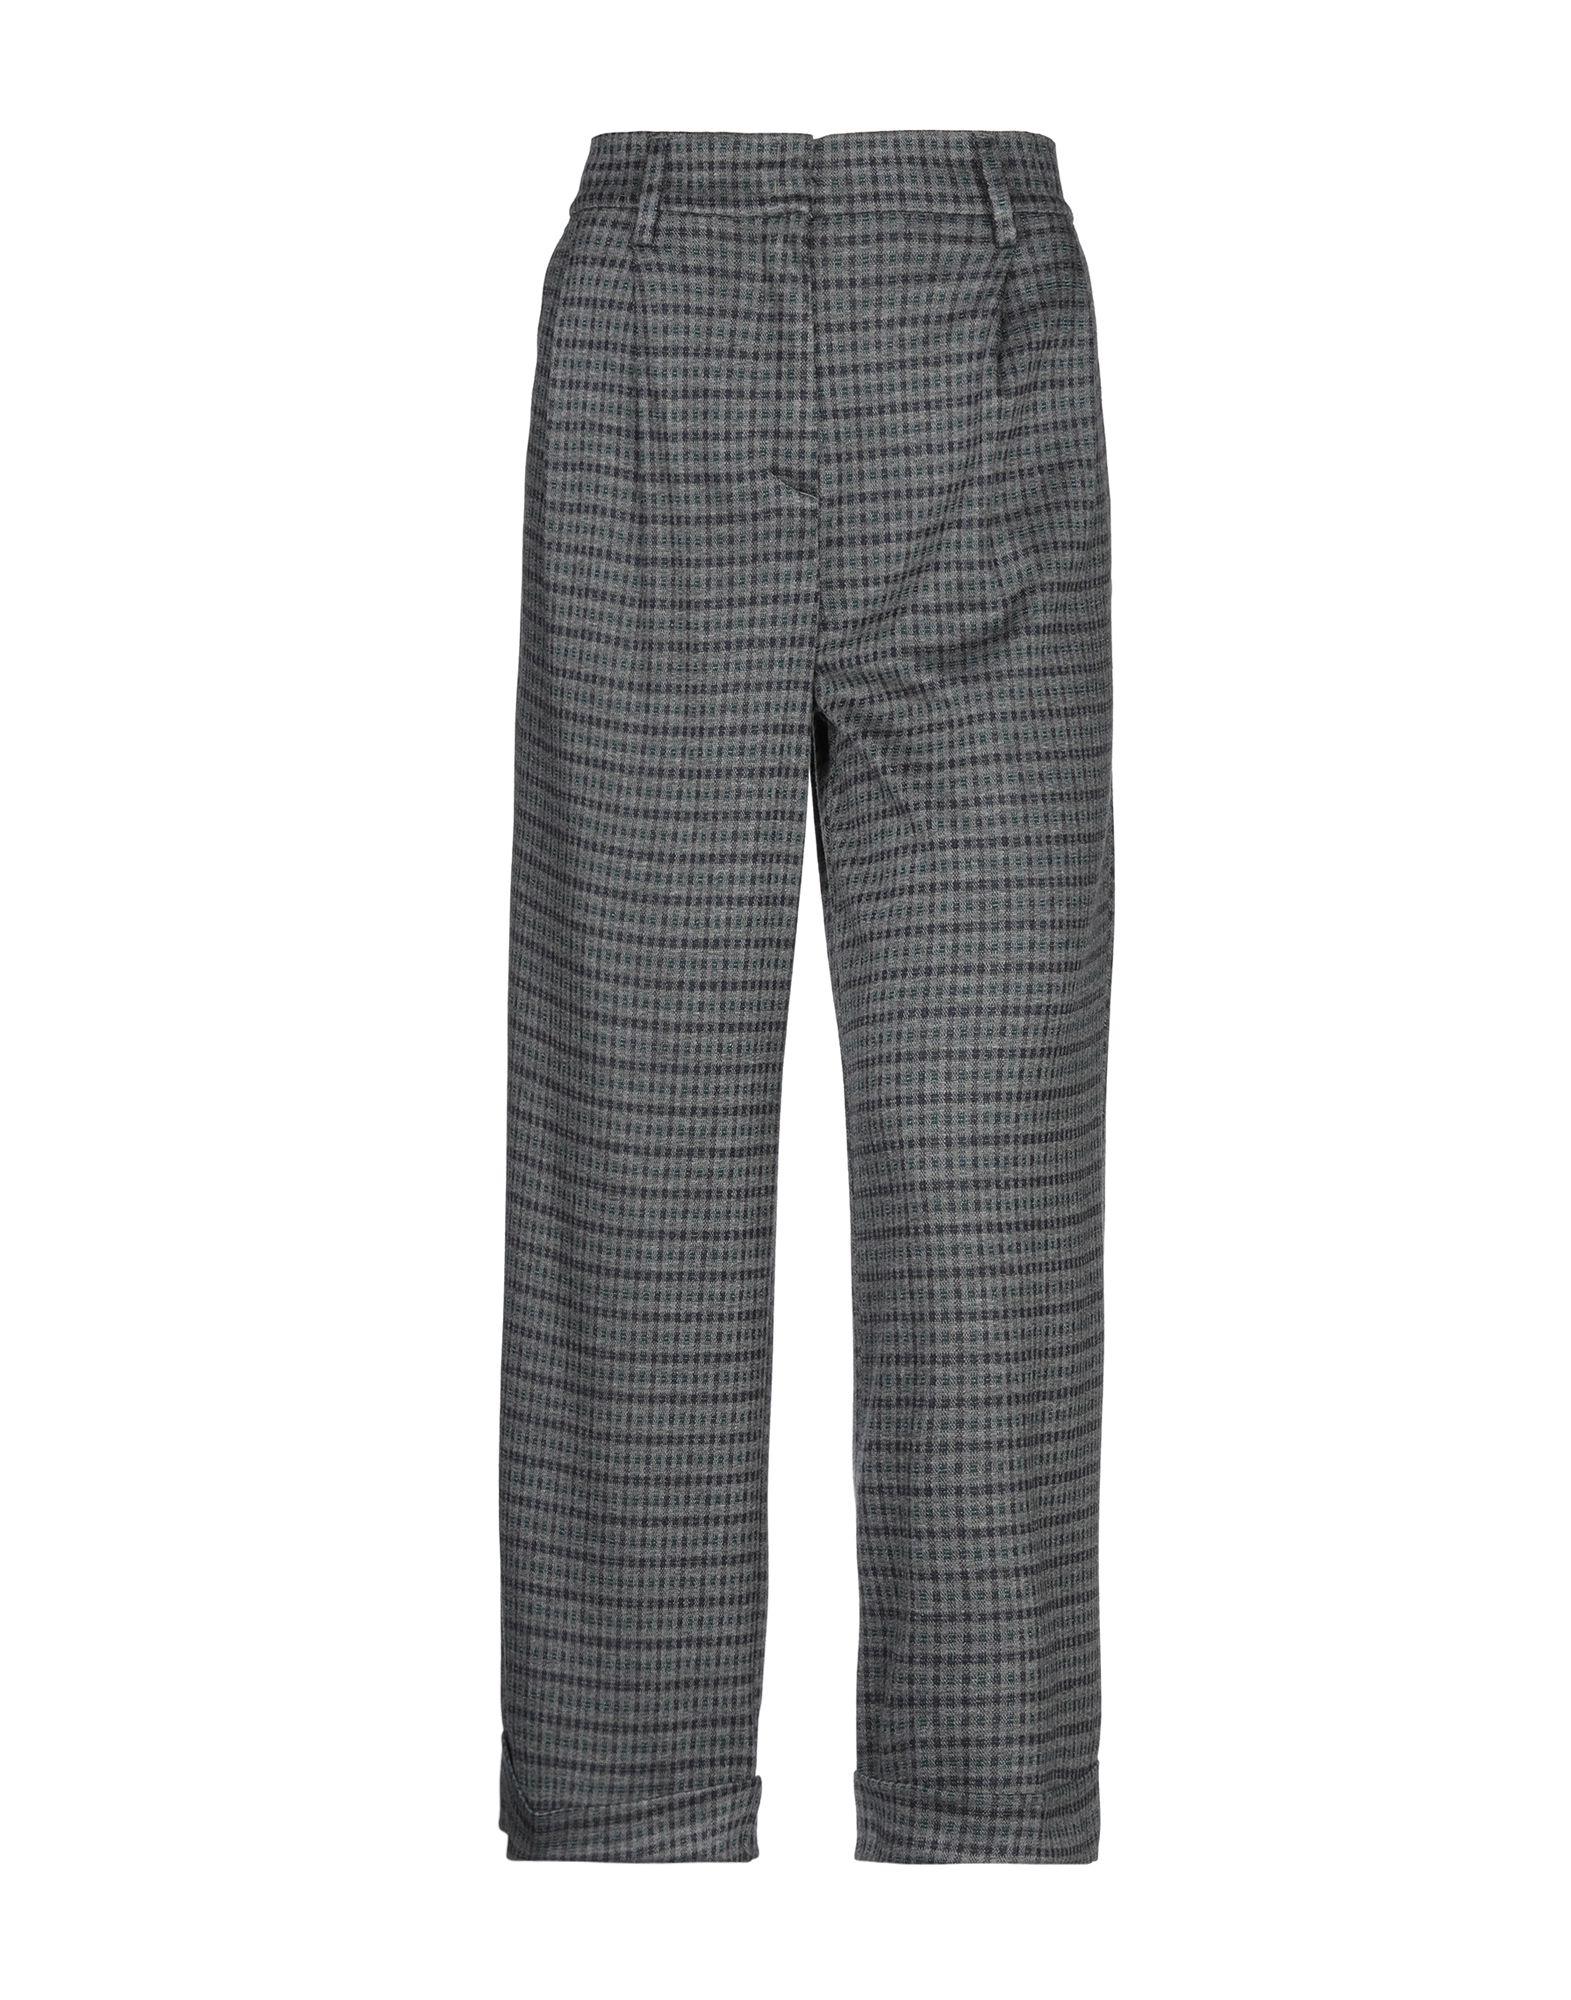 MYTHS Повседневные брюки брюки широкие с принтом в клетку виши